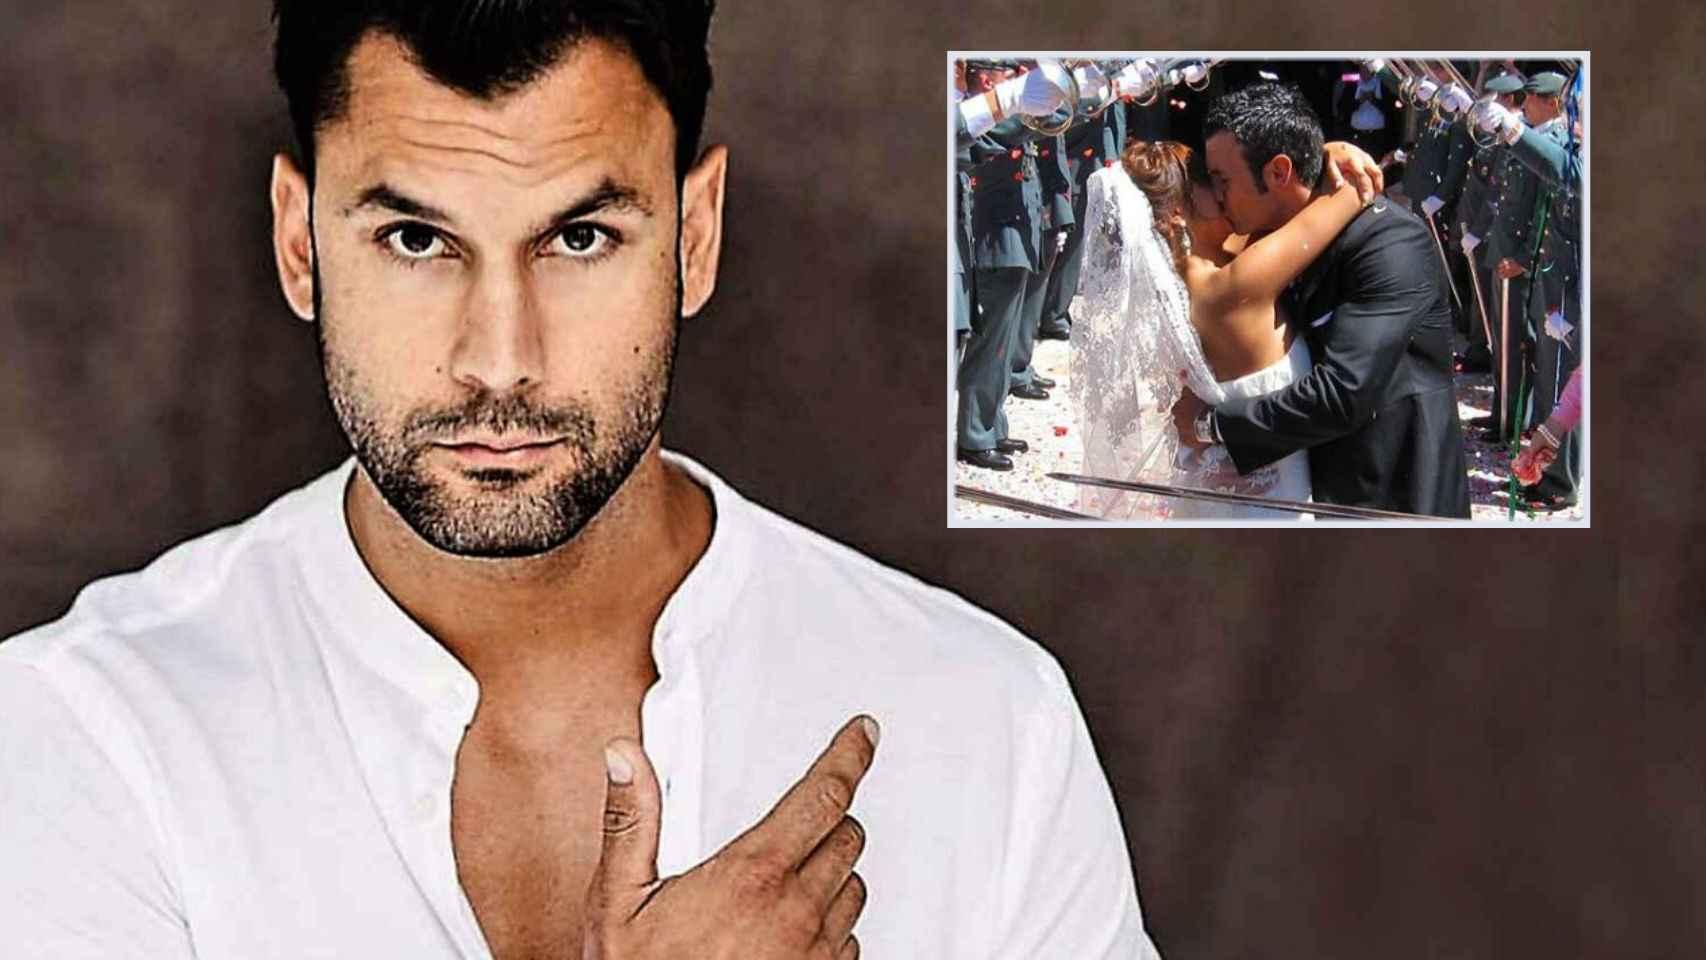 Jorge Pérez en montaje de JALEOS junto a la imagen del día de su boda.